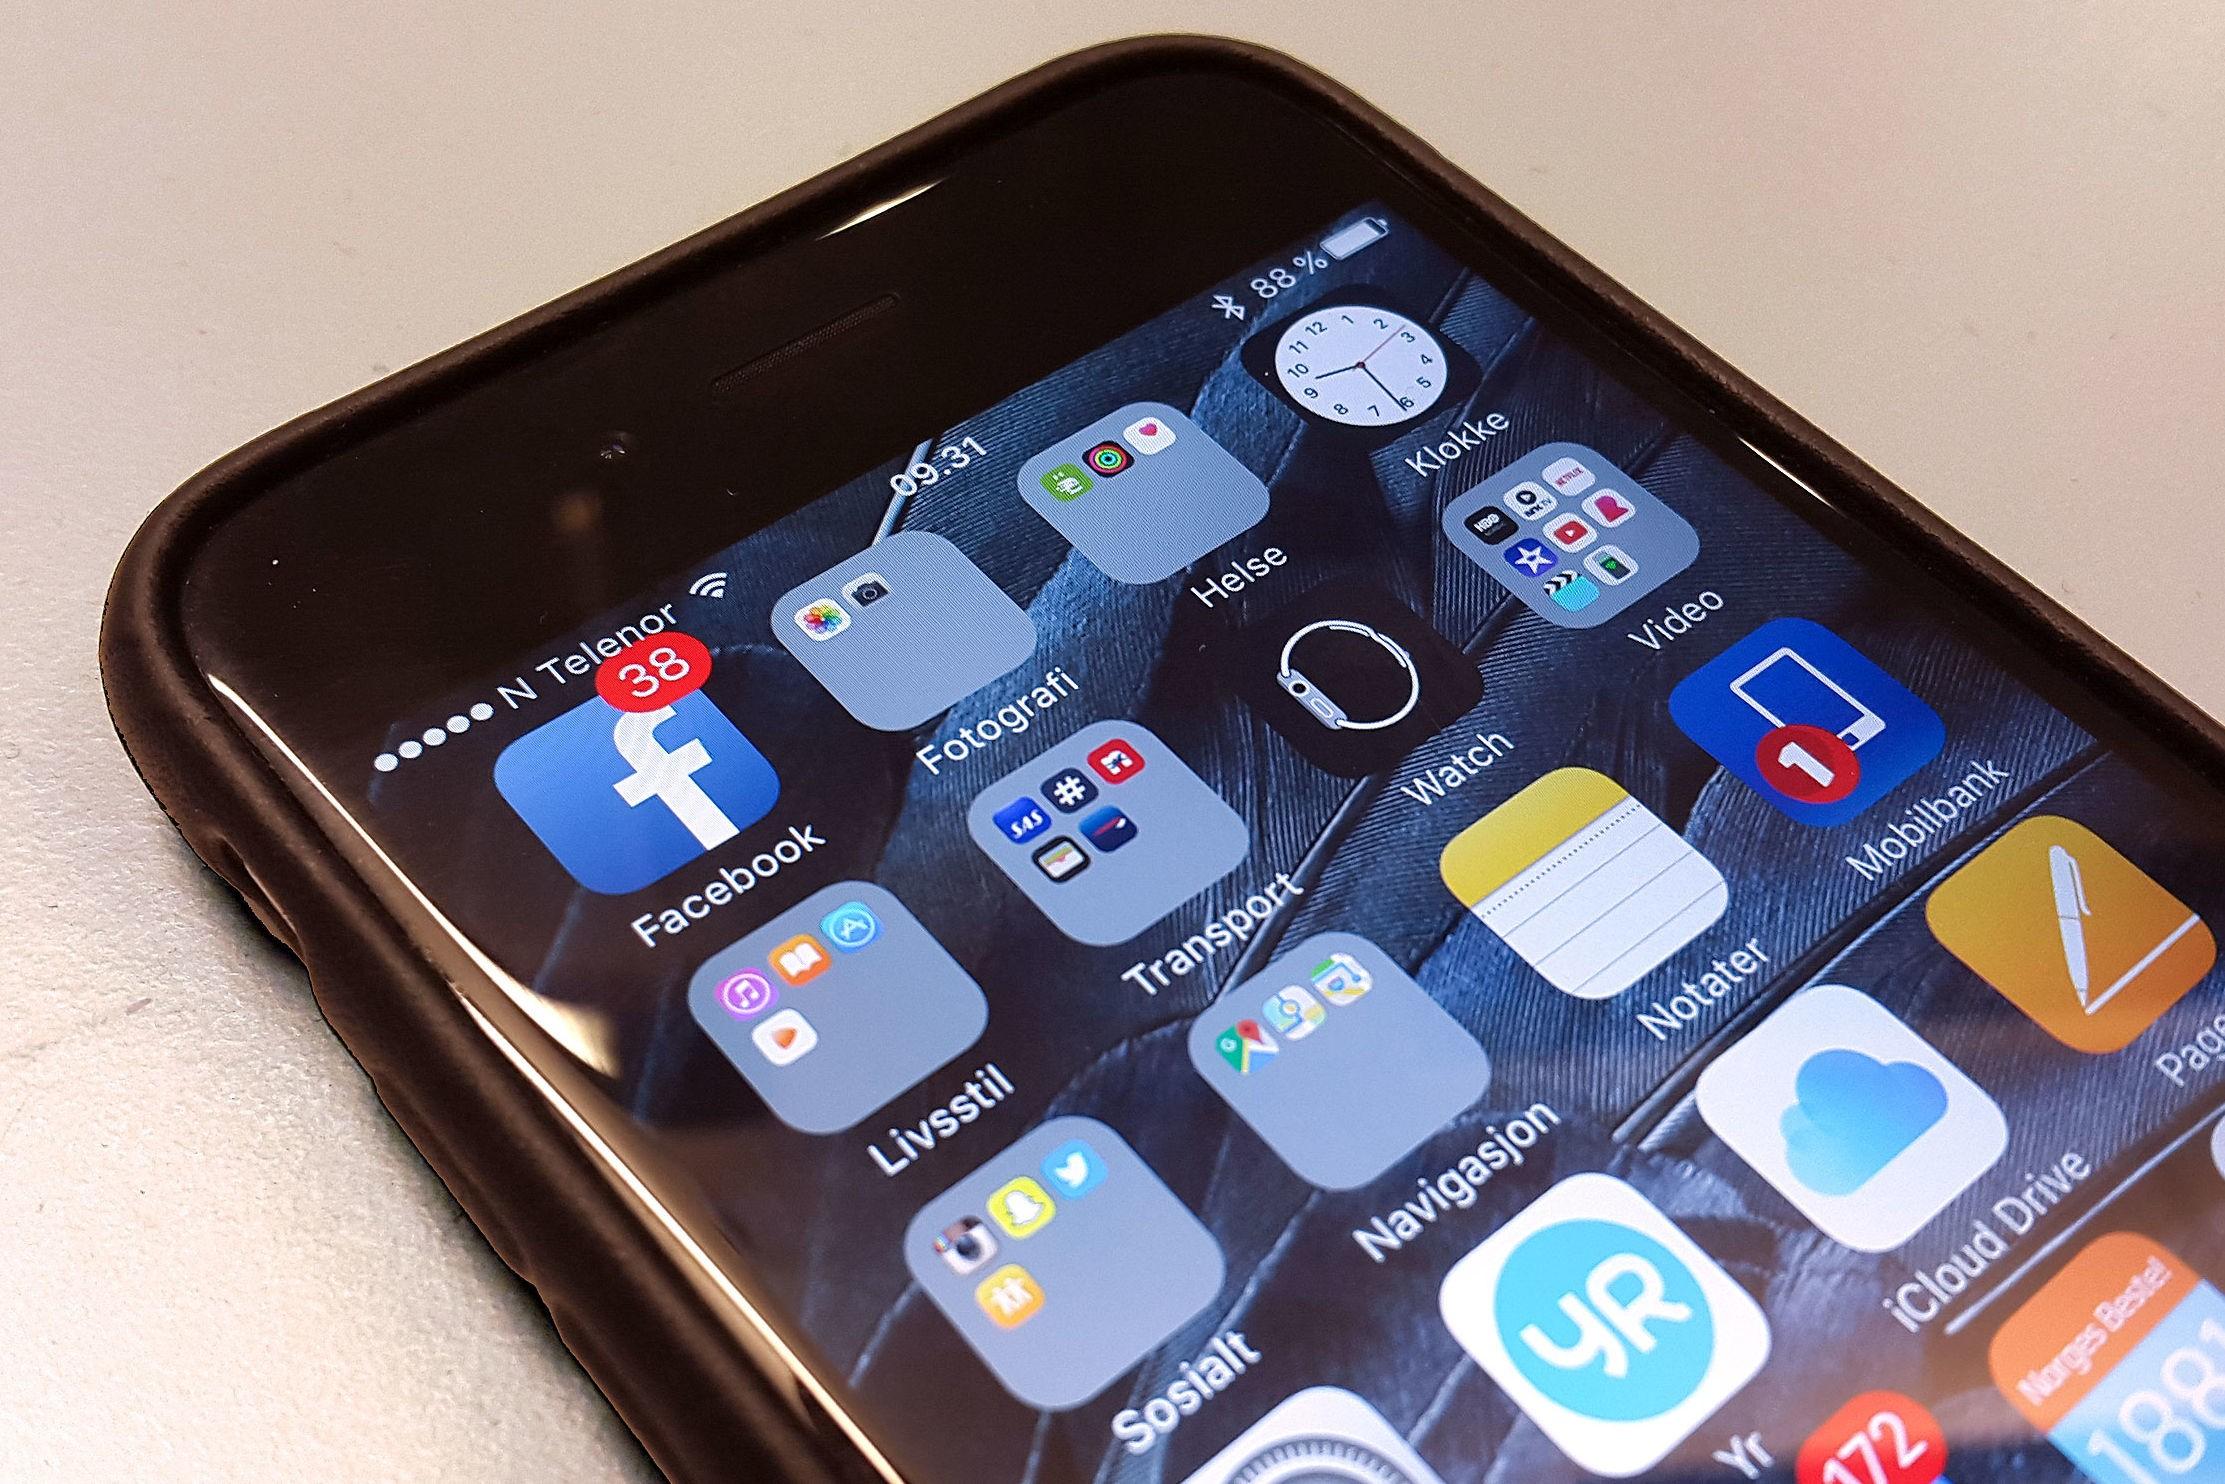 FACEBOOK: Facebook-appen er en av de mest brukte på vår iPhone. Den kan samtidig bruke opp så mye som halvparten av batteriet.